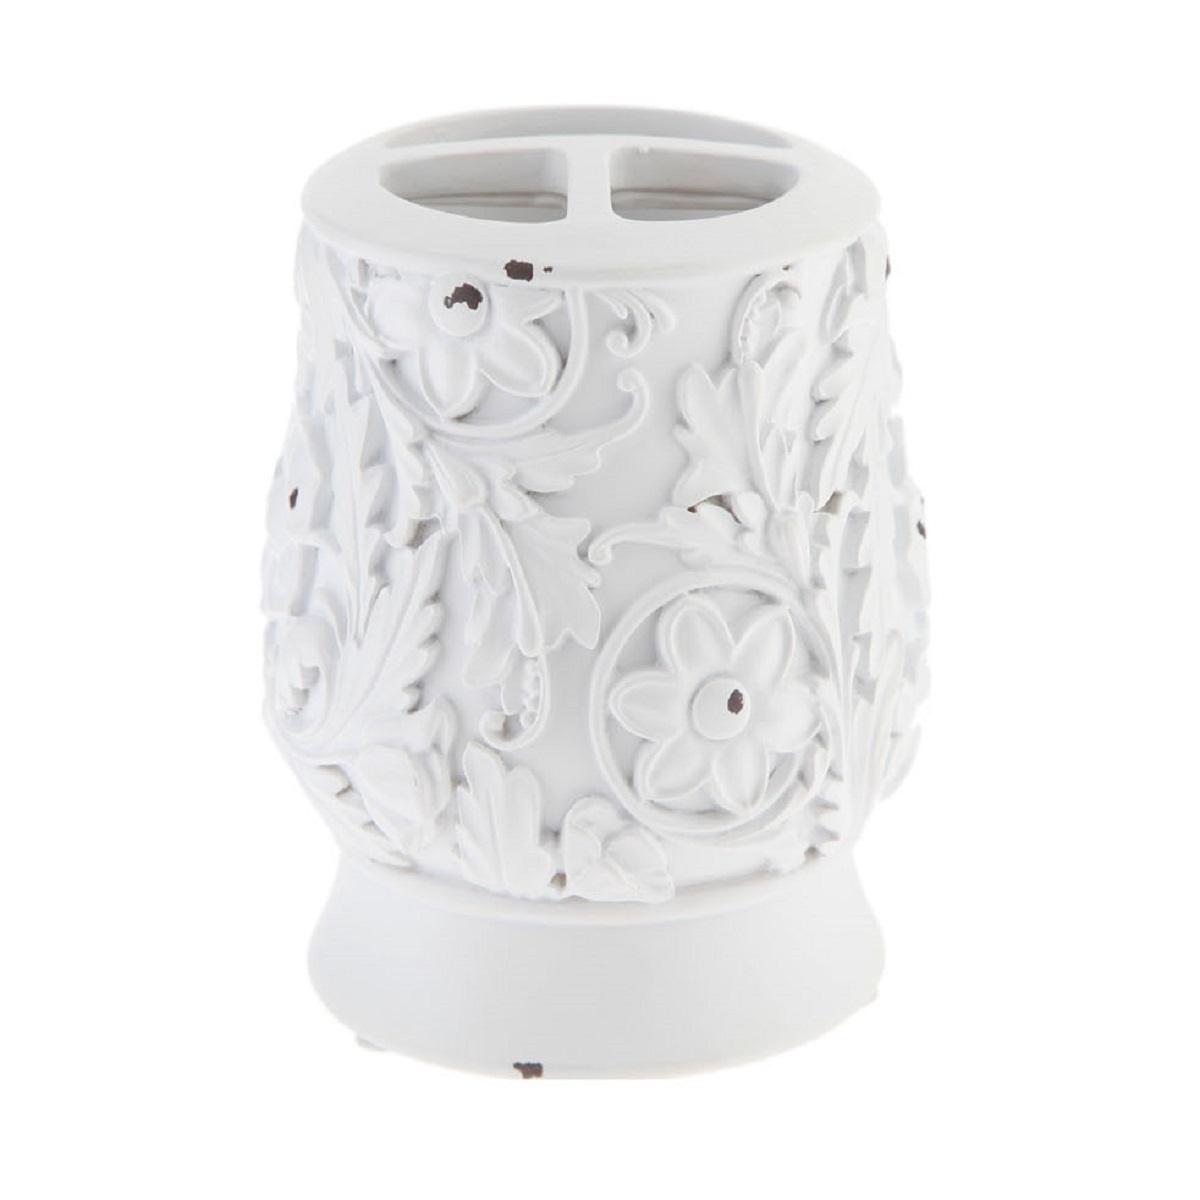 Стаканы для зубных щеток Стакан для зубных щеток Decor Vintage White stakan-dlya-zubnyh-schetok-decor-vintage-white-kitay.JPG